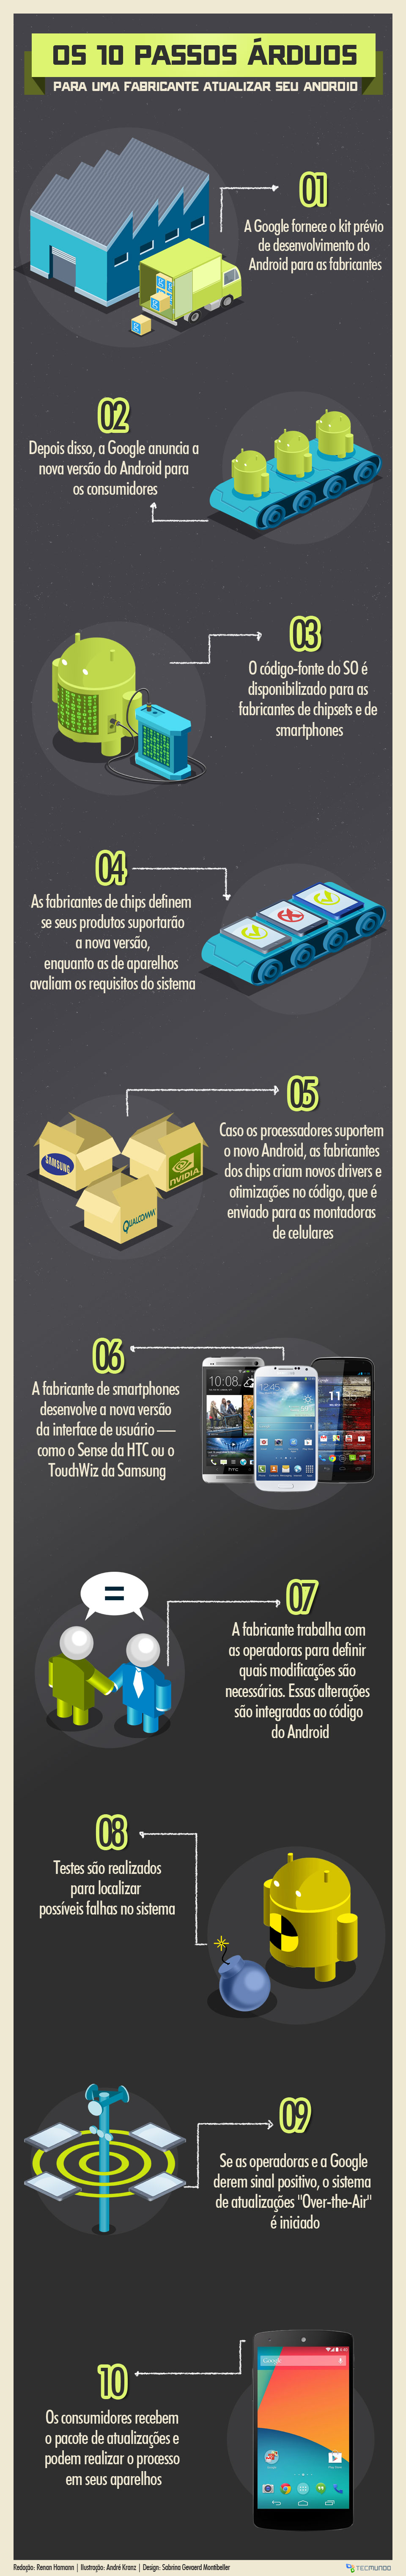 Os 10 passos árduos para uma fabricante atualizar seu Android [infográfico]